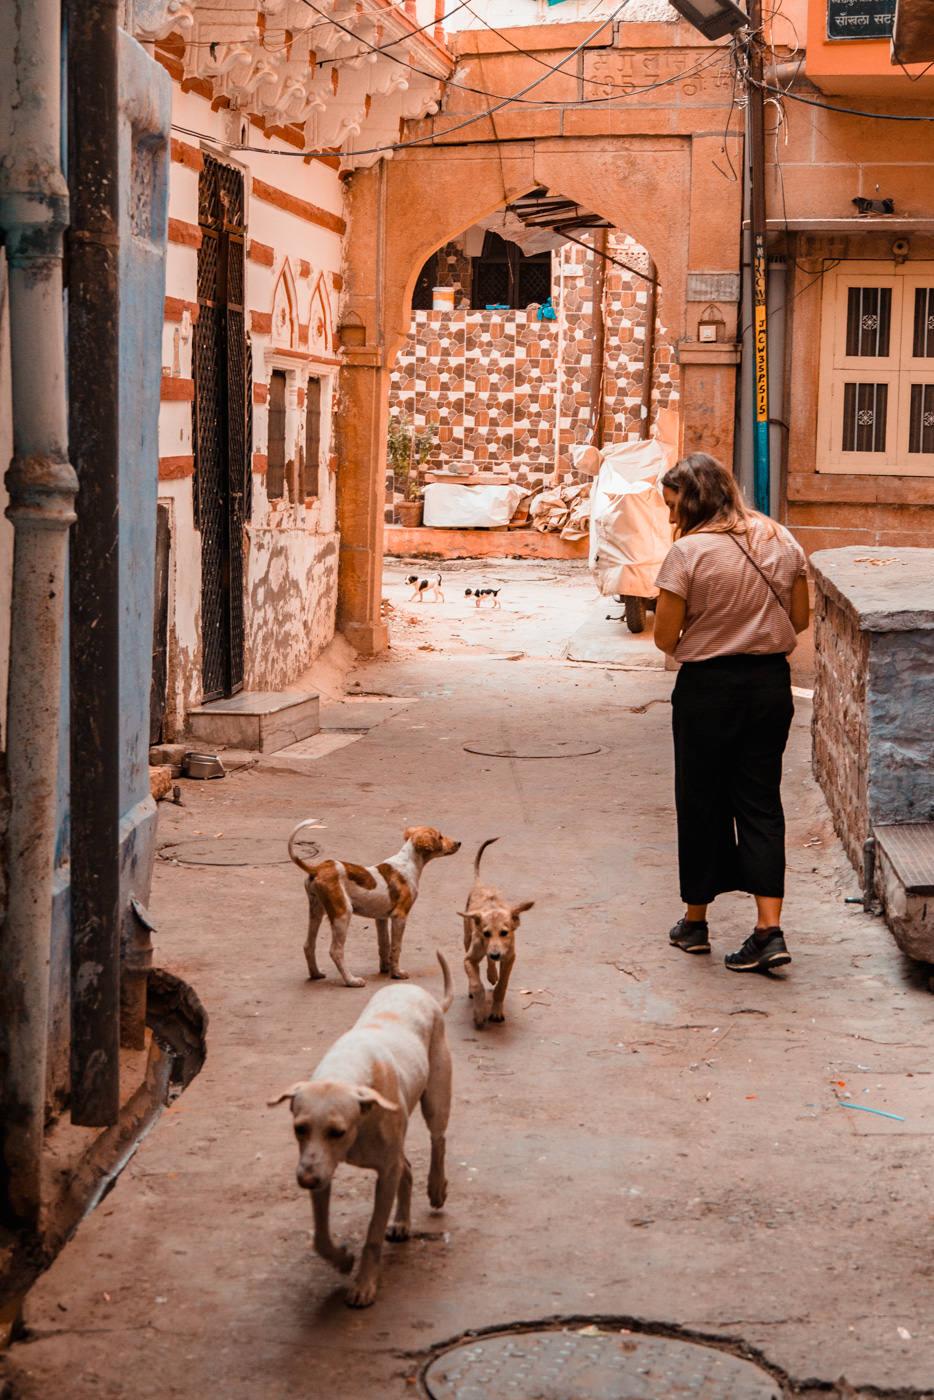 Hundewelpen in Gasse von Jodhpur